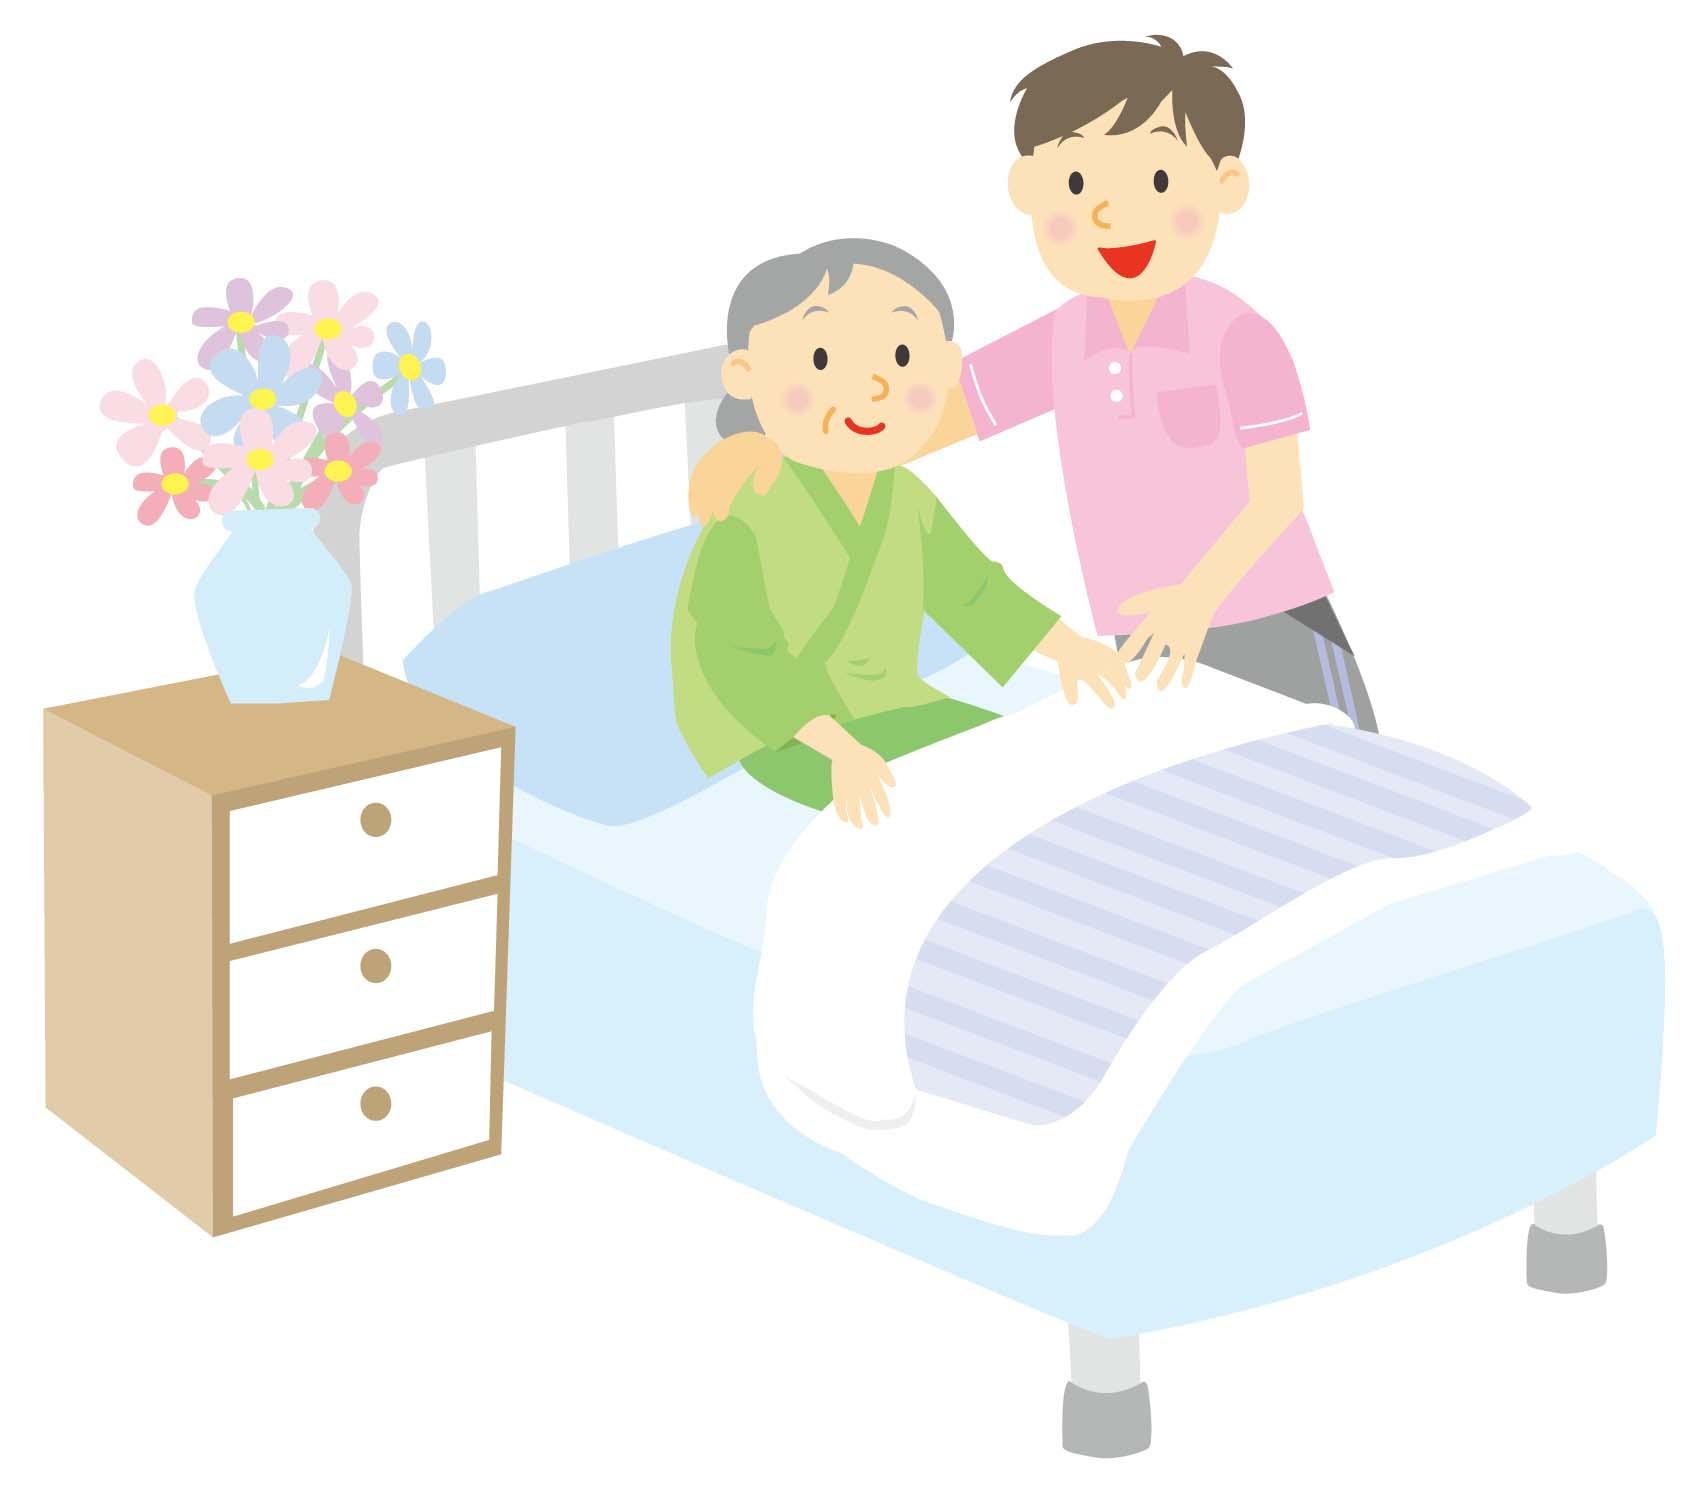 認知症高齢者に対する動作介助(ベッドから起きるなど)のポイント